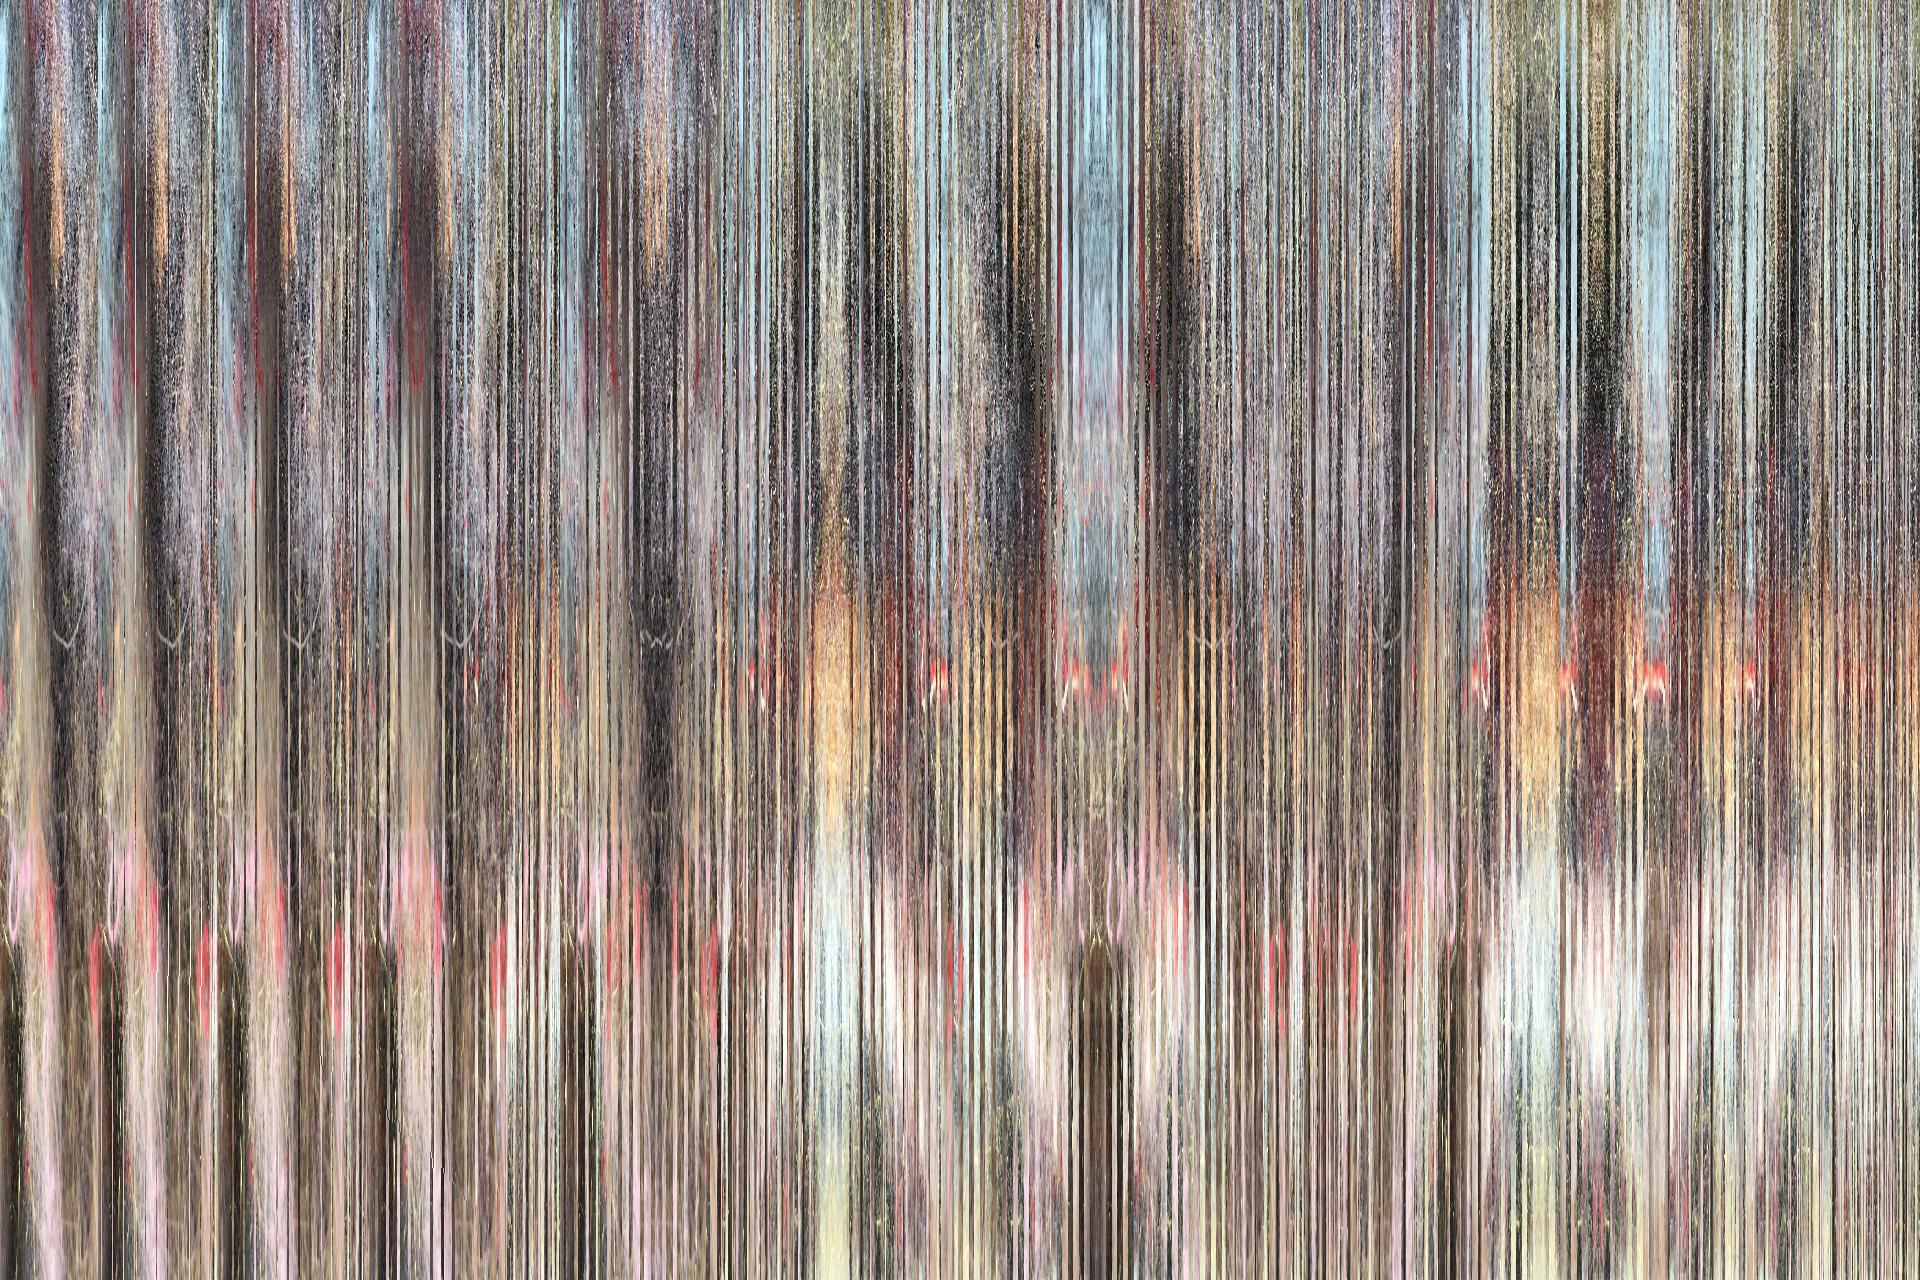 """L'immagine mostra l'opera """"Quantum chaos"""" dell'artista Paul Thomas. Una superficie composta da numerose e fitte linee verticali che rendono un'immagine distorta ed incomprensibile"""